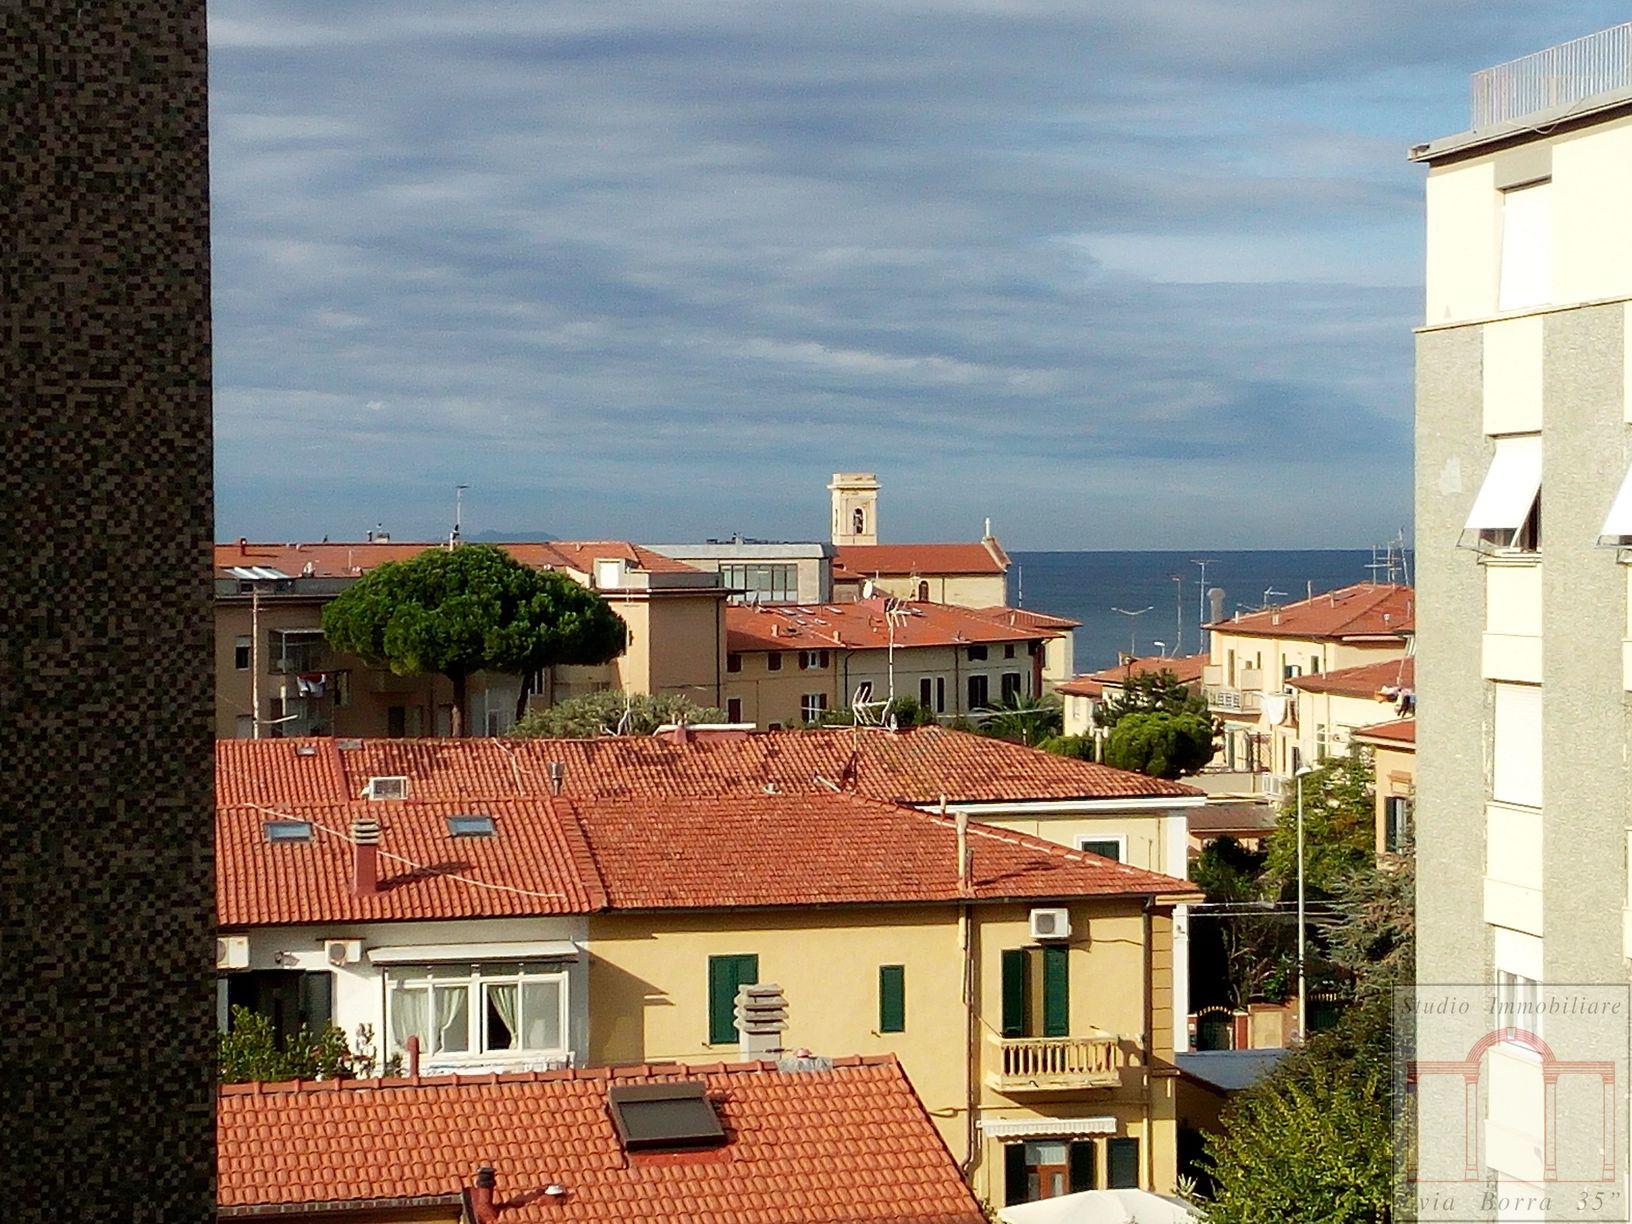 Appartamento in vendita a Livorno, 4 locali, zona Zona: Lungomare, prezzo € 228.000 | Cambio Casa.it